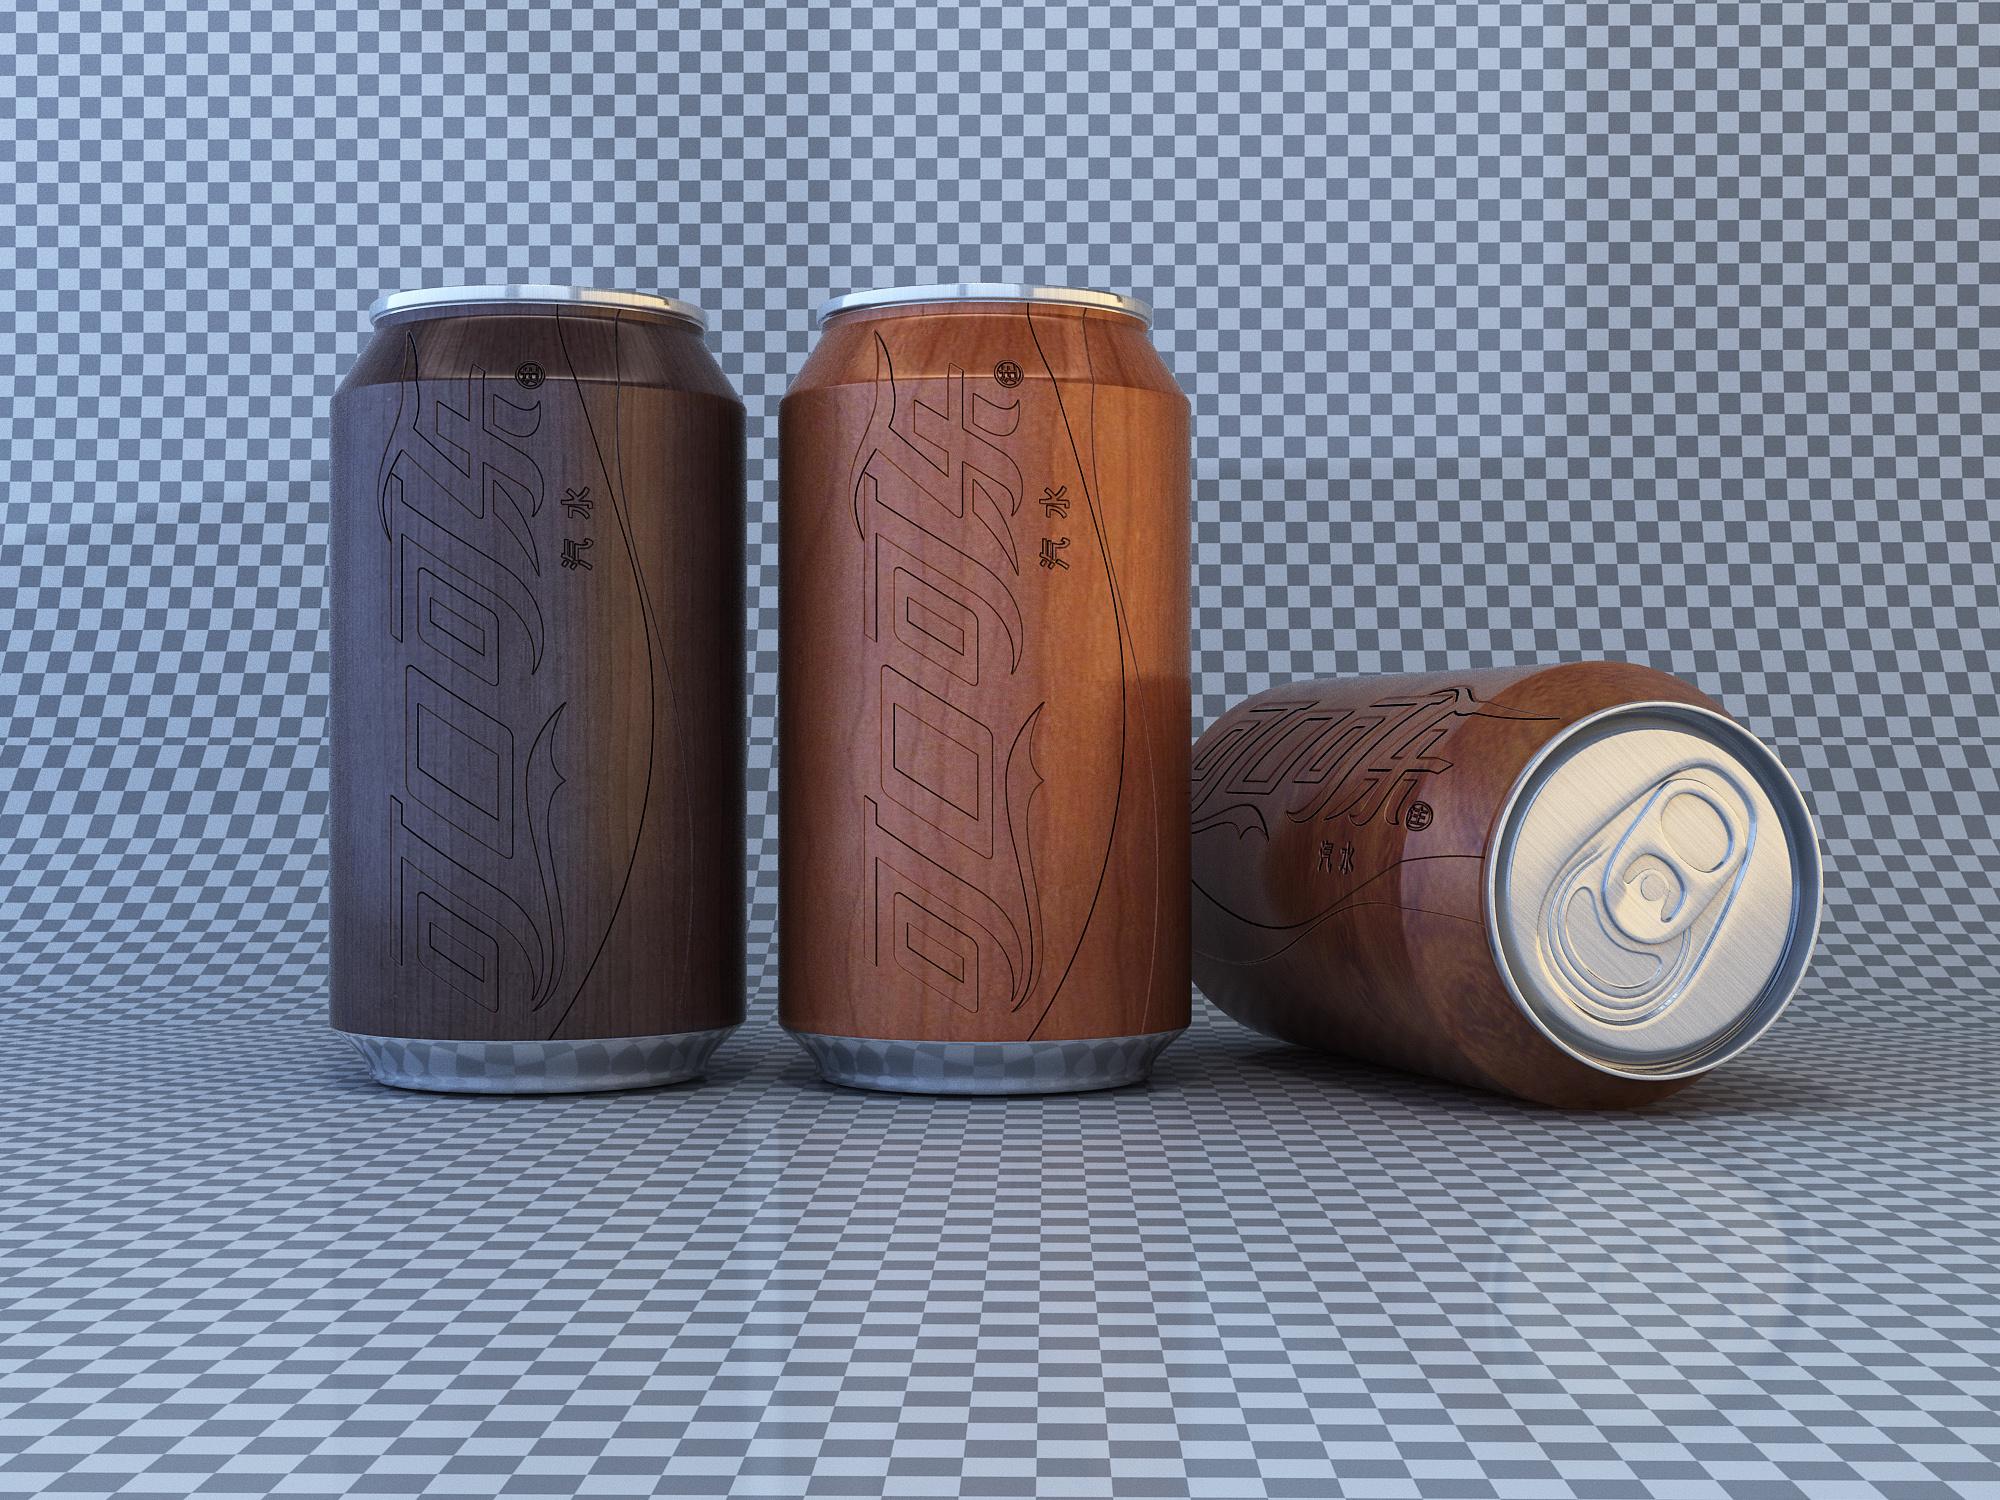 可乐灌装瓶包装设计图片